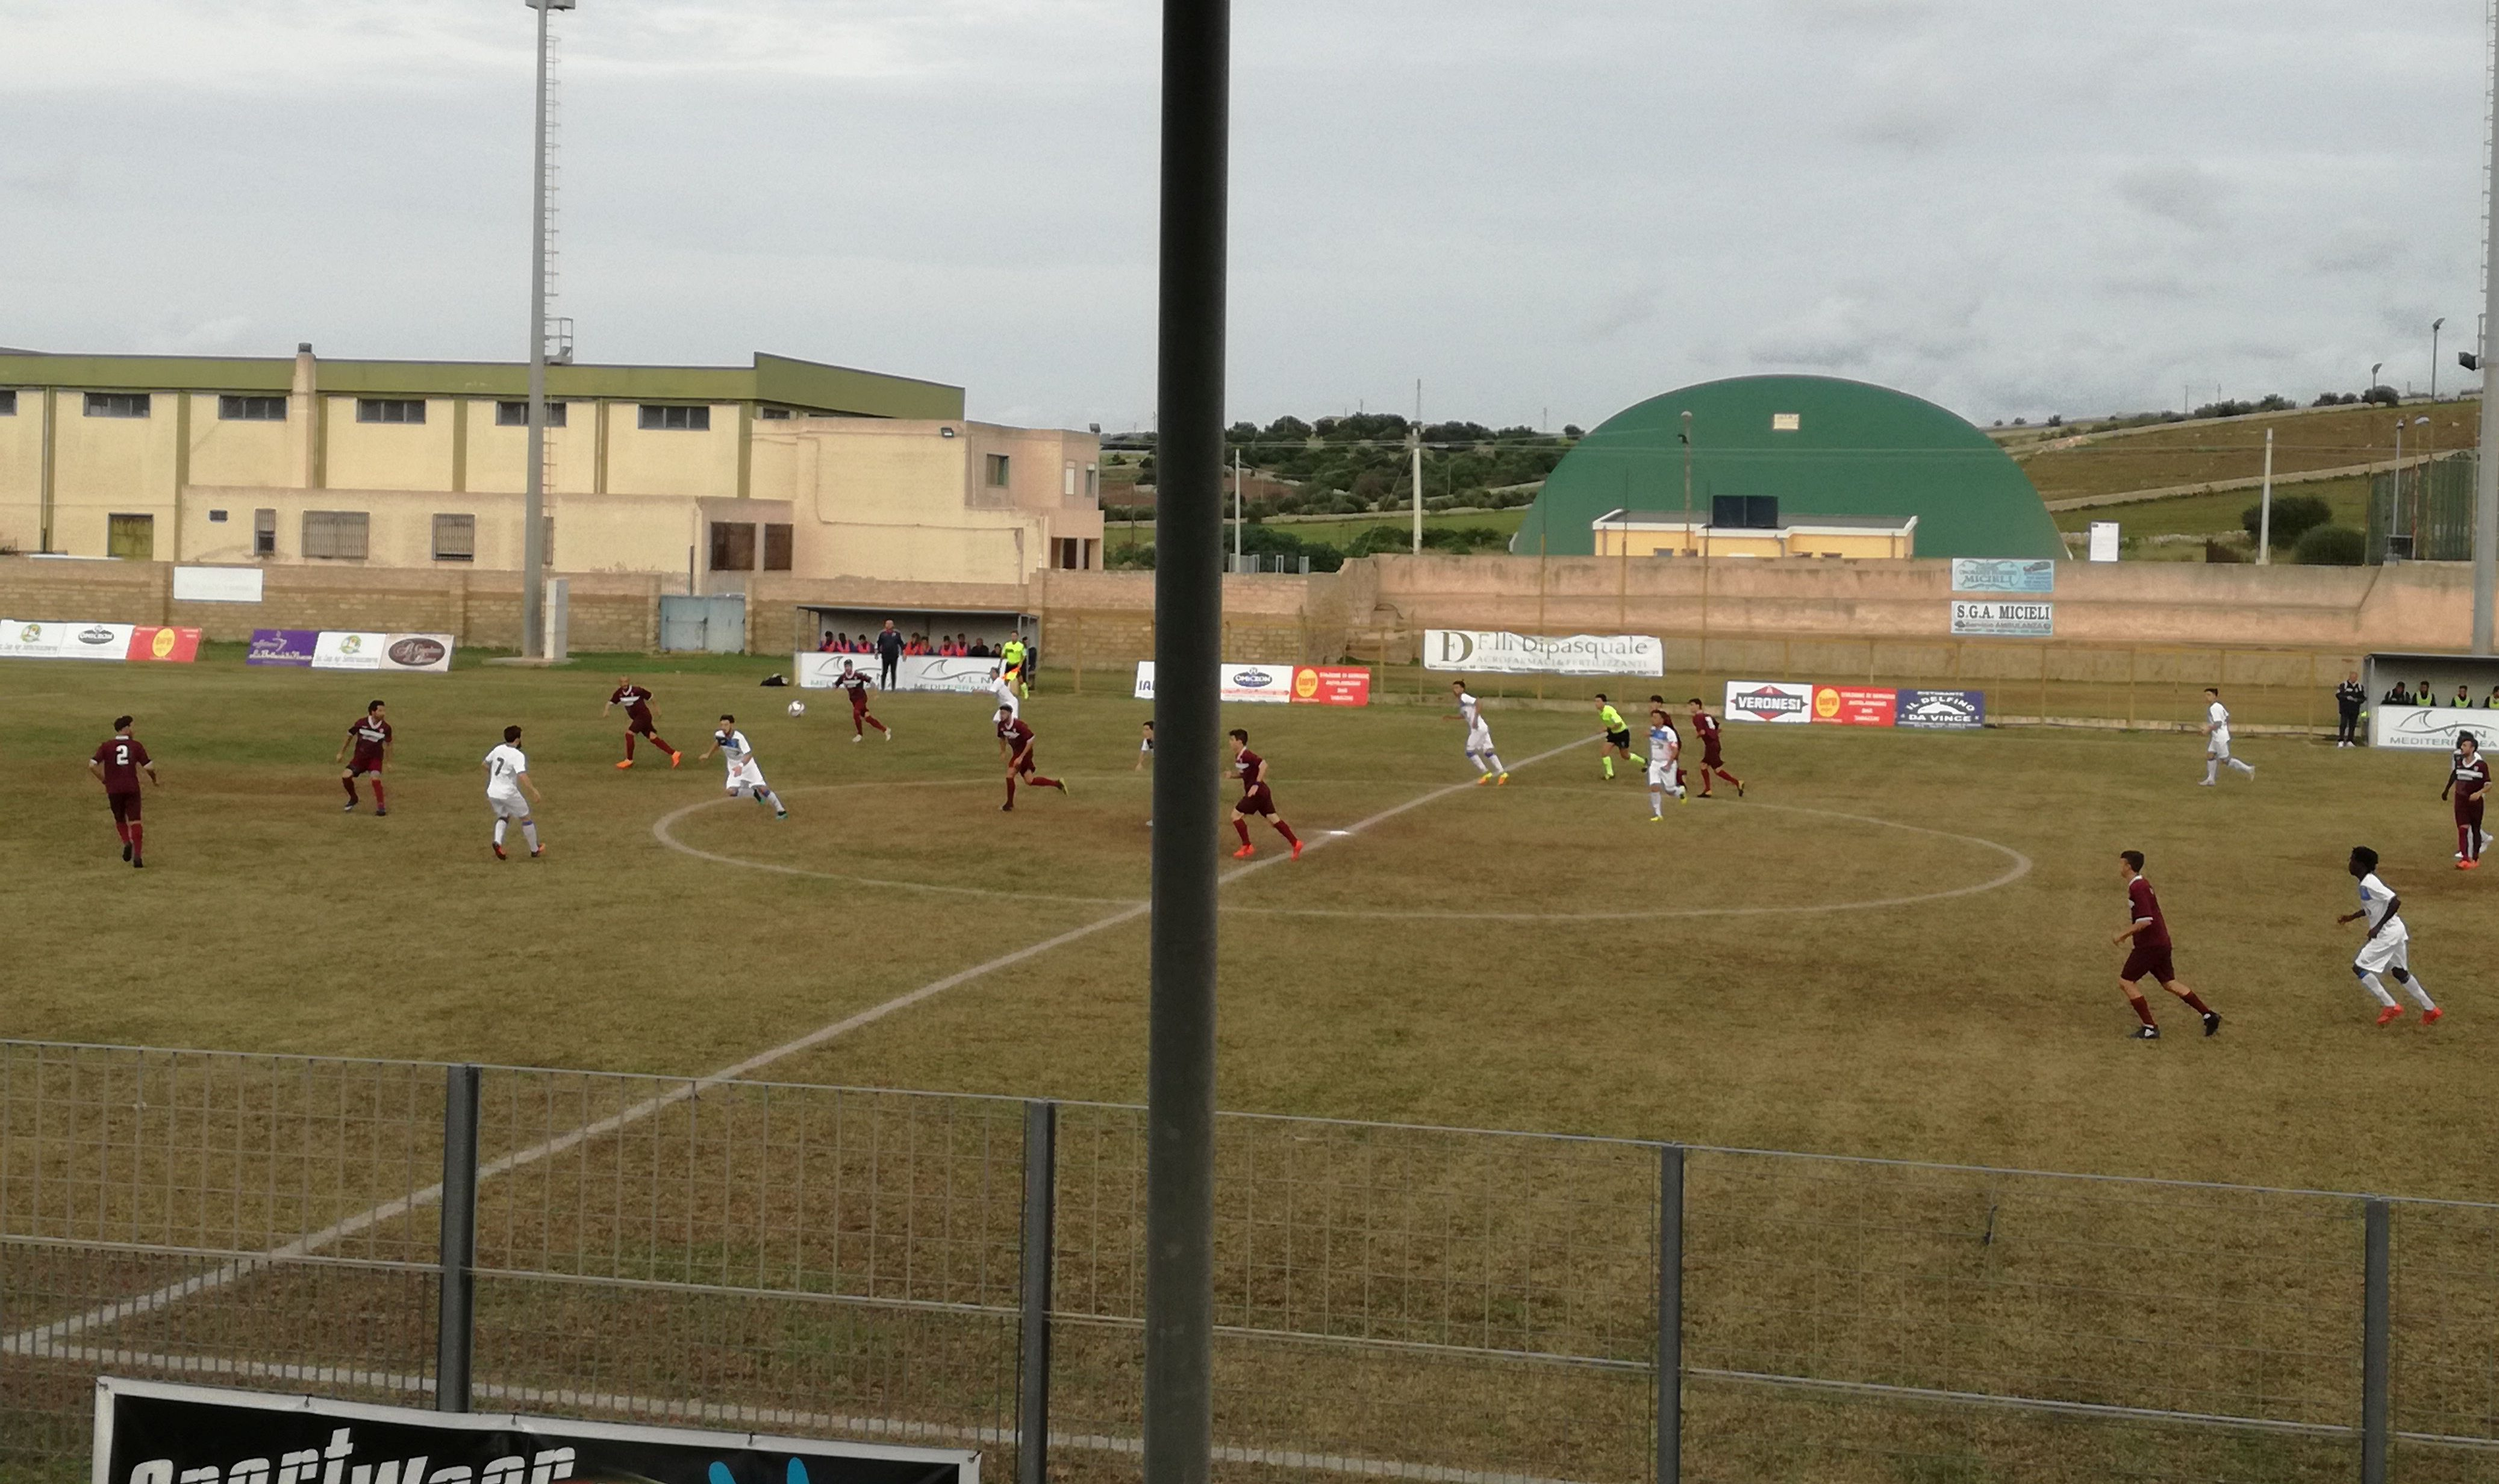 Calcio, Eccellenza: il Santa Croce riparte da Leone, il Rosolini al tappeto (3-1)